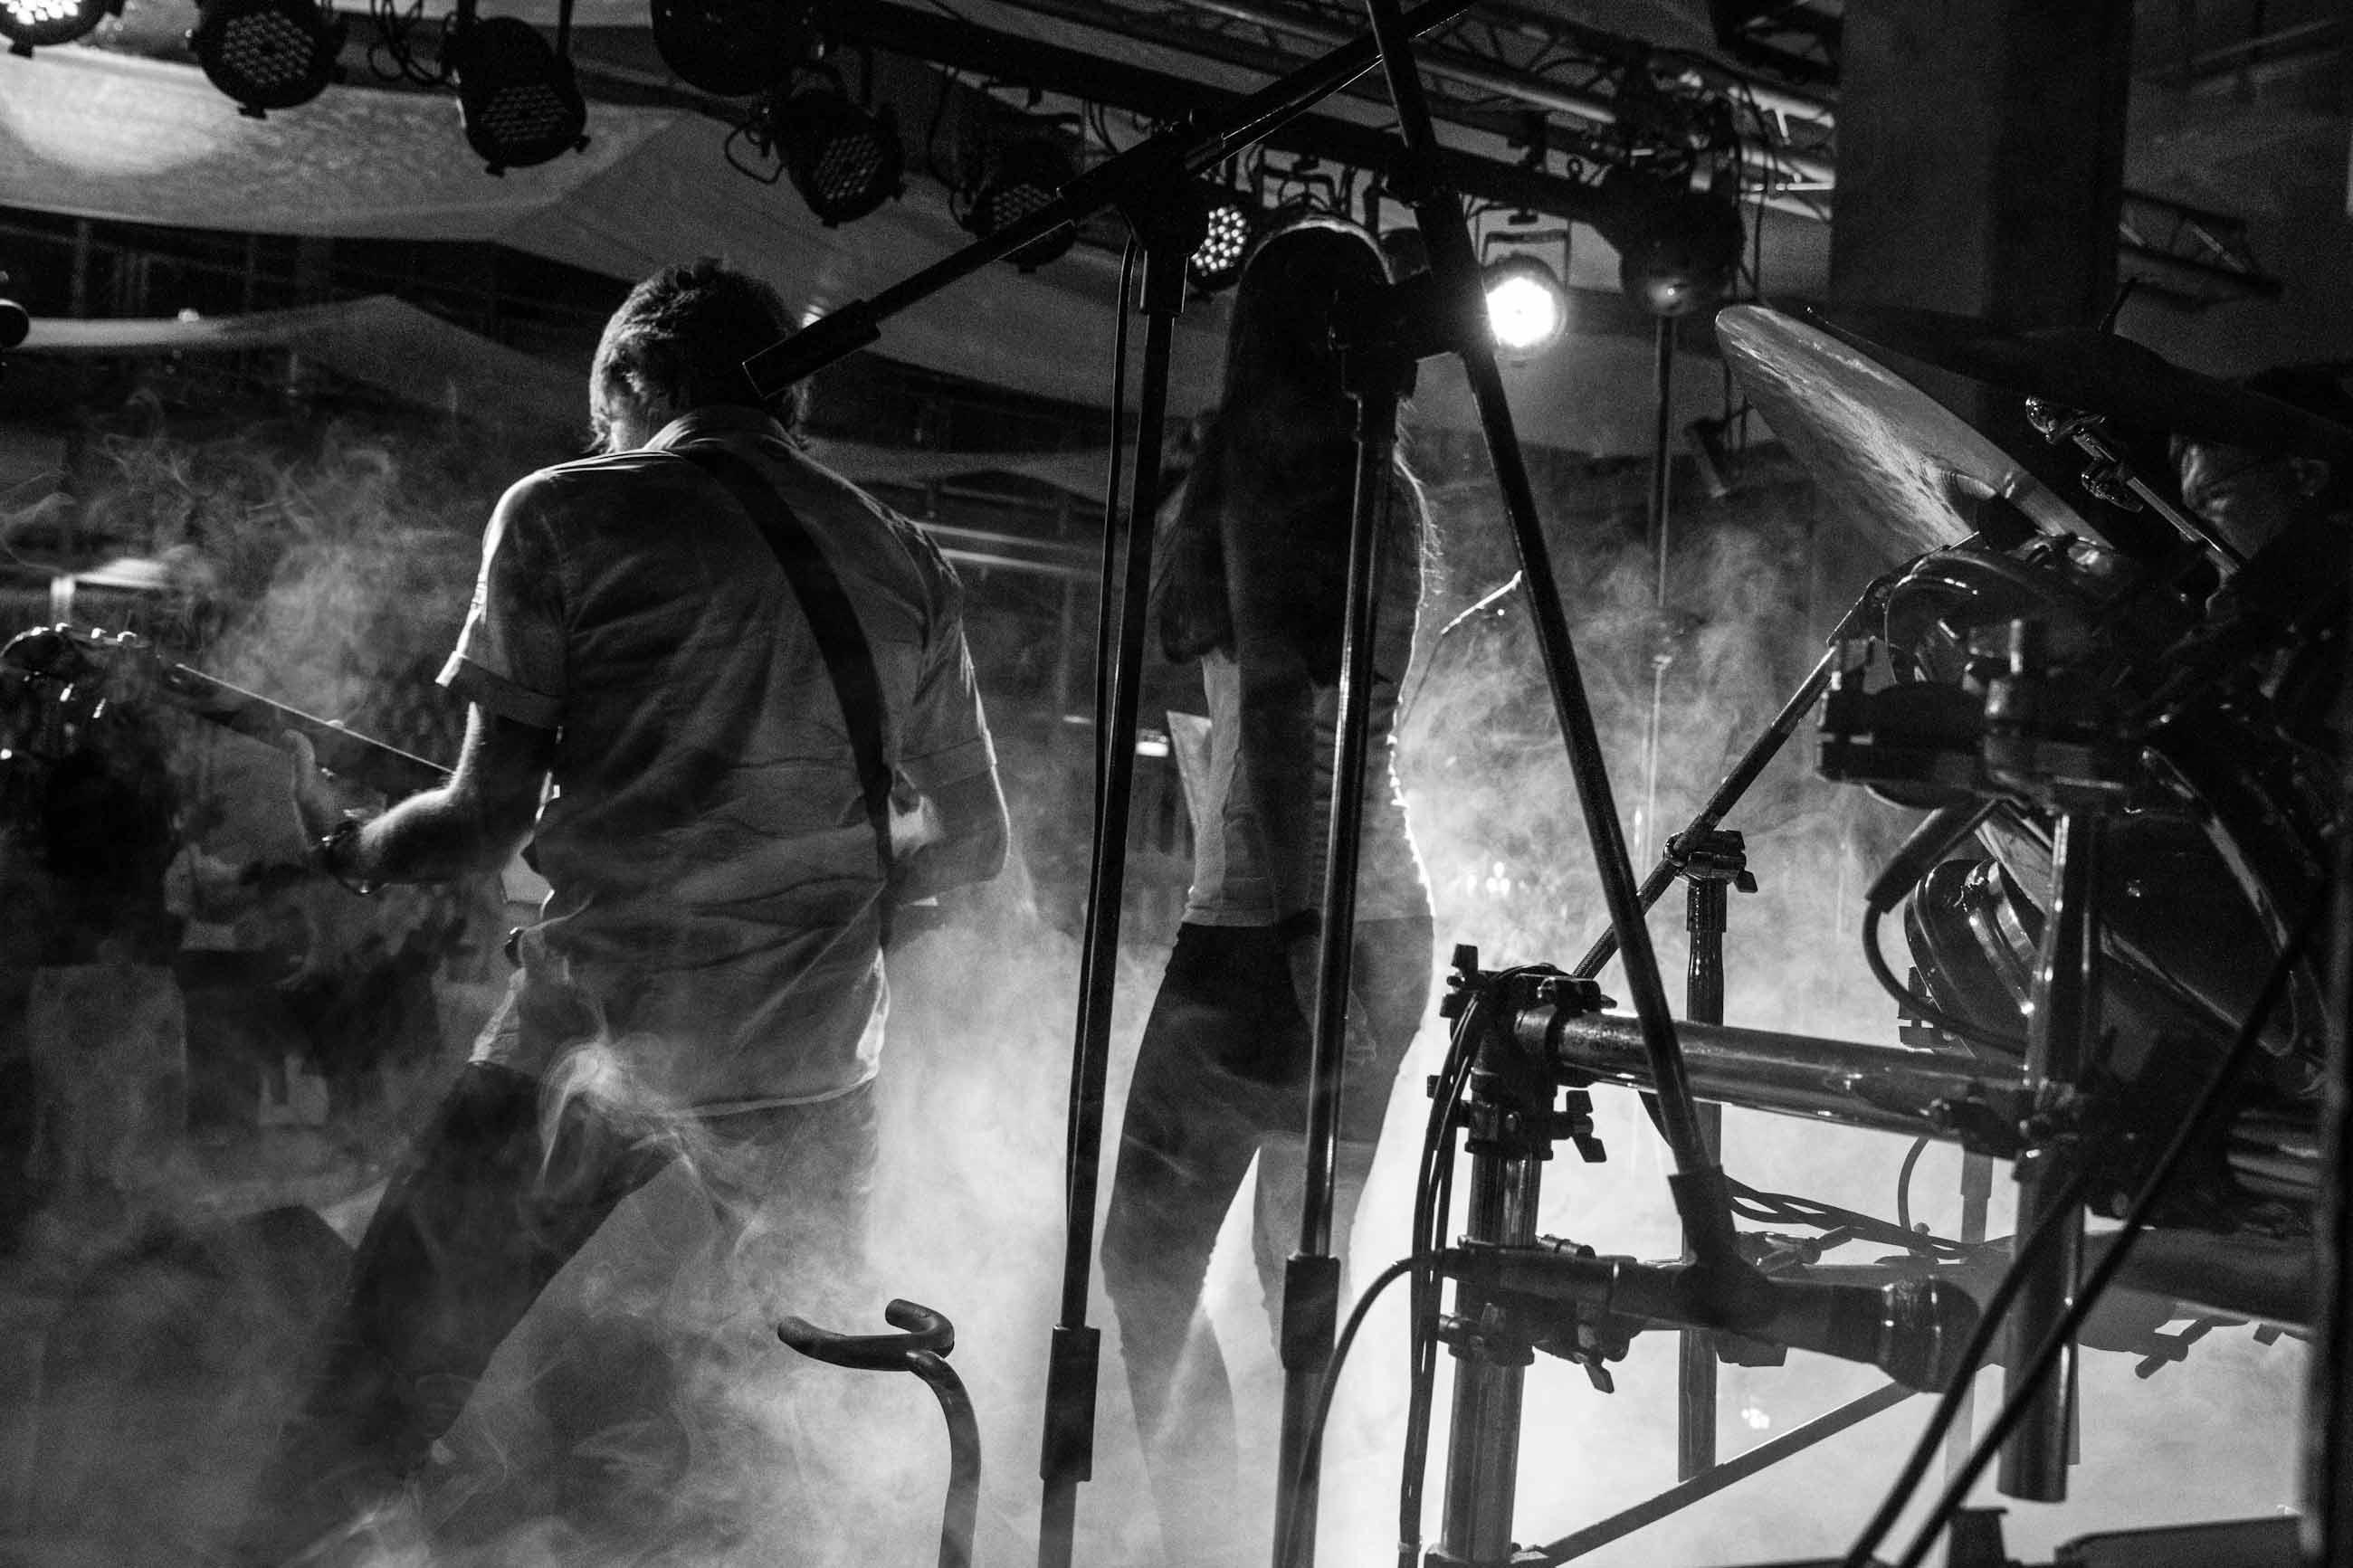 Hochzeitsreportage_Freiburg_Basel_Feier Bandauf der Buehne im Nebel